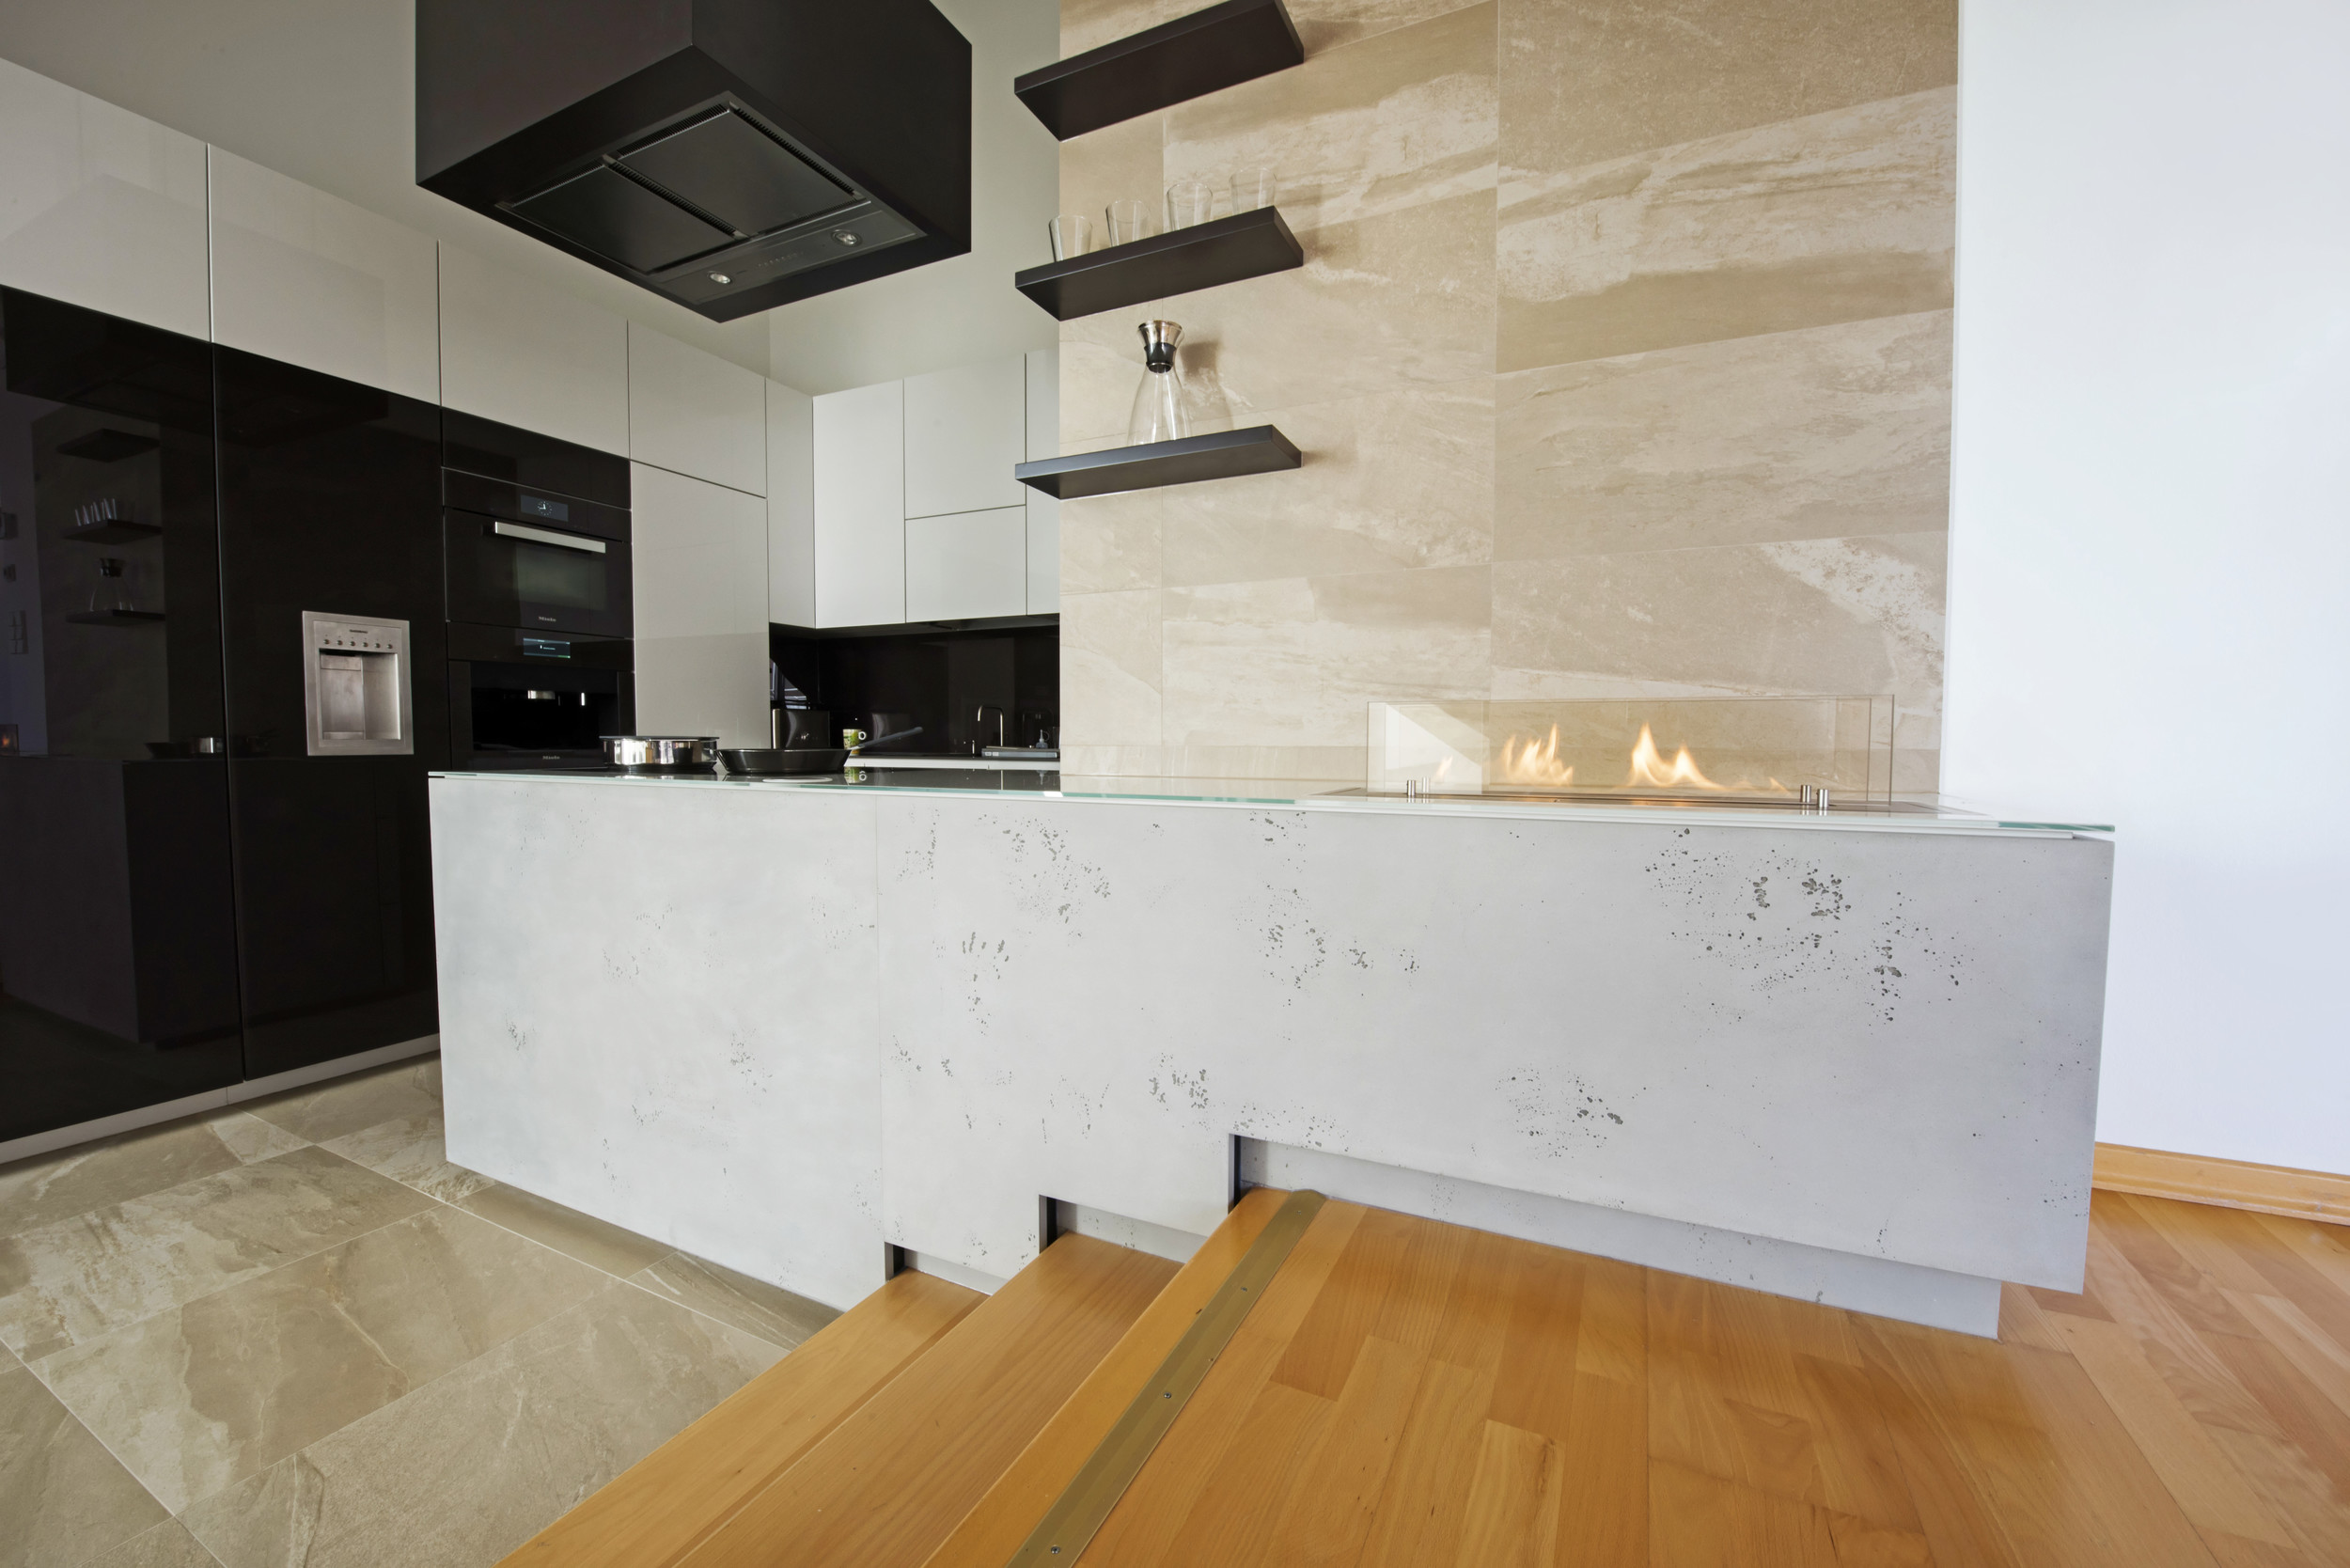 Küchenblock_Sichbeton